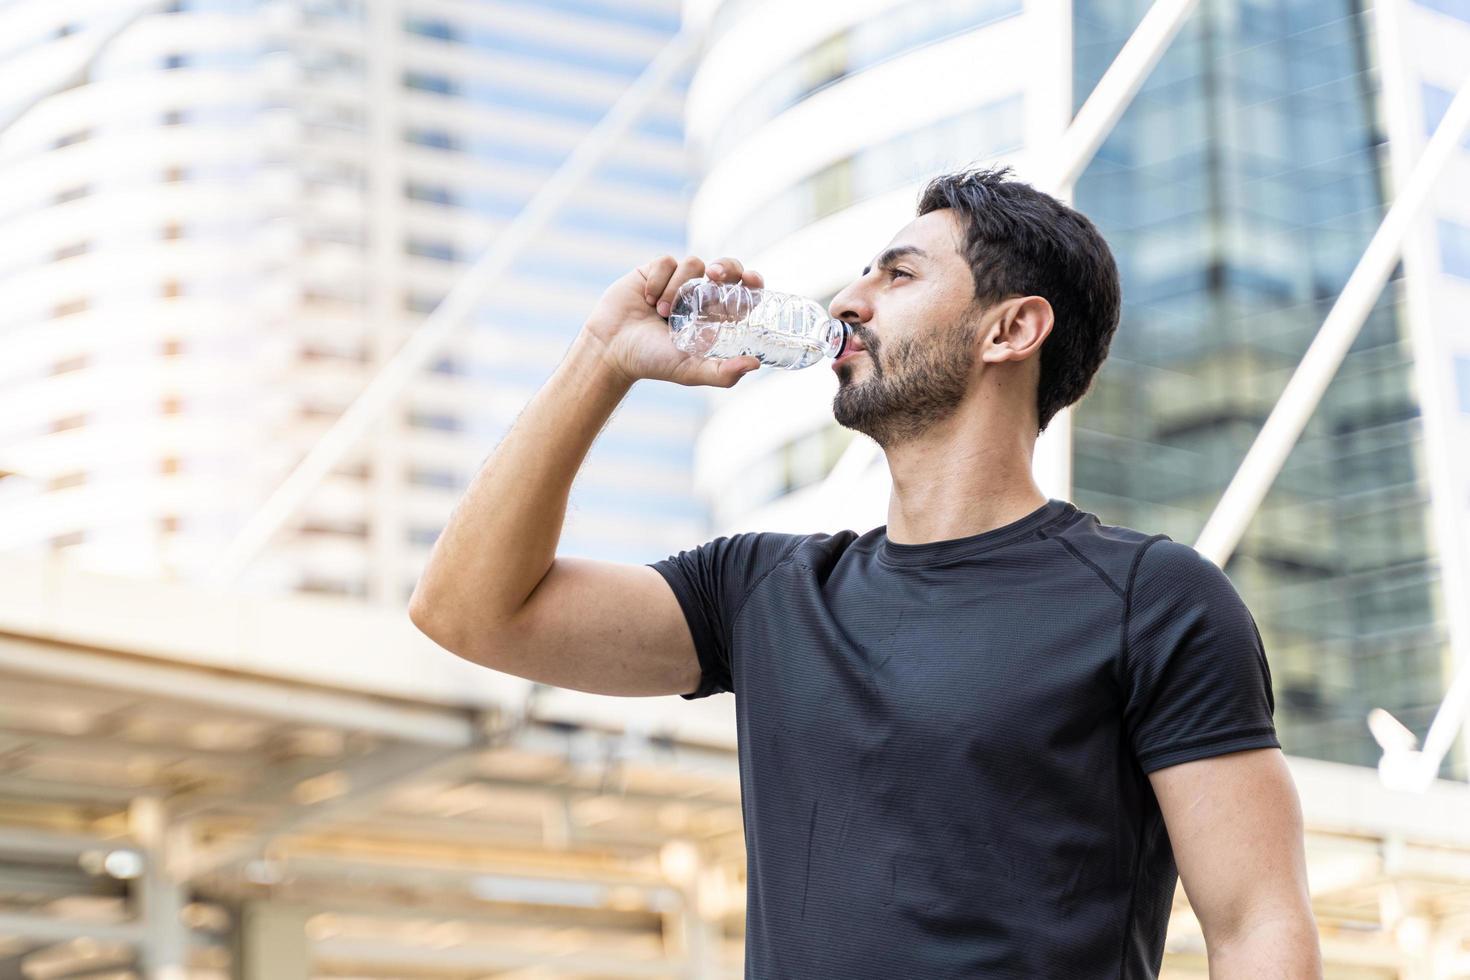 uomo che beve acqua in bottiglia foto